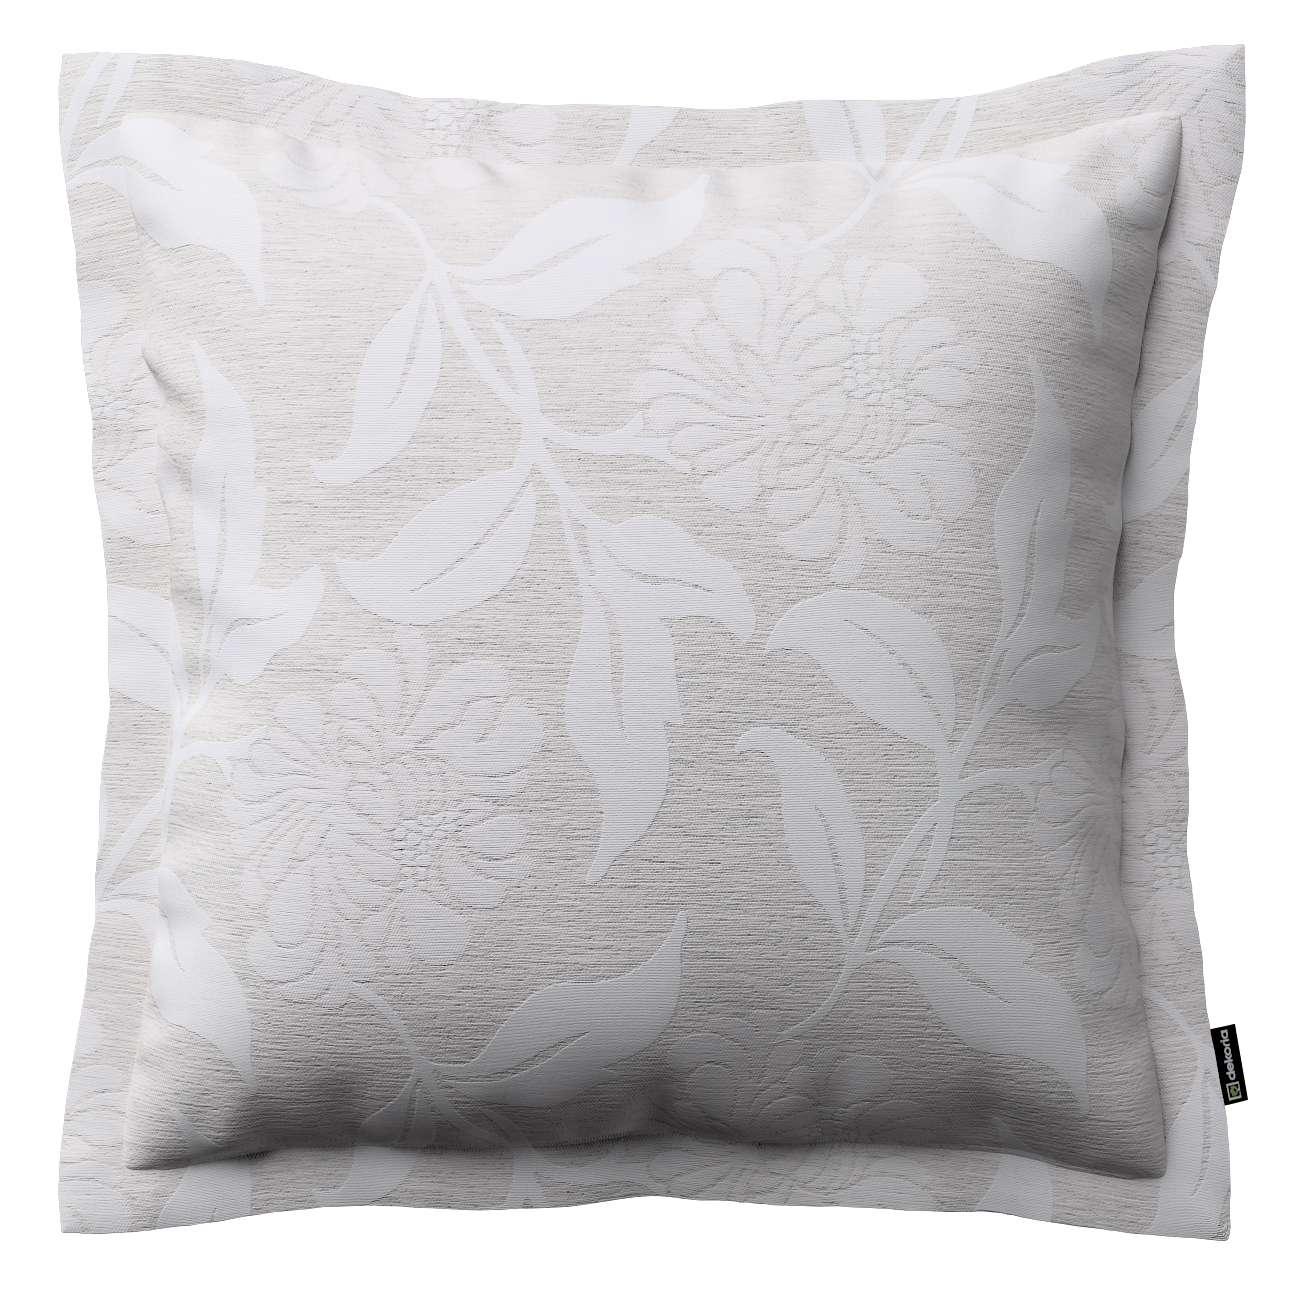 Mona dekoratyvinių pagalvėlių užvalkalas su sienele 45 x 45cm kolekcijoje Venice, audinys: 140-51